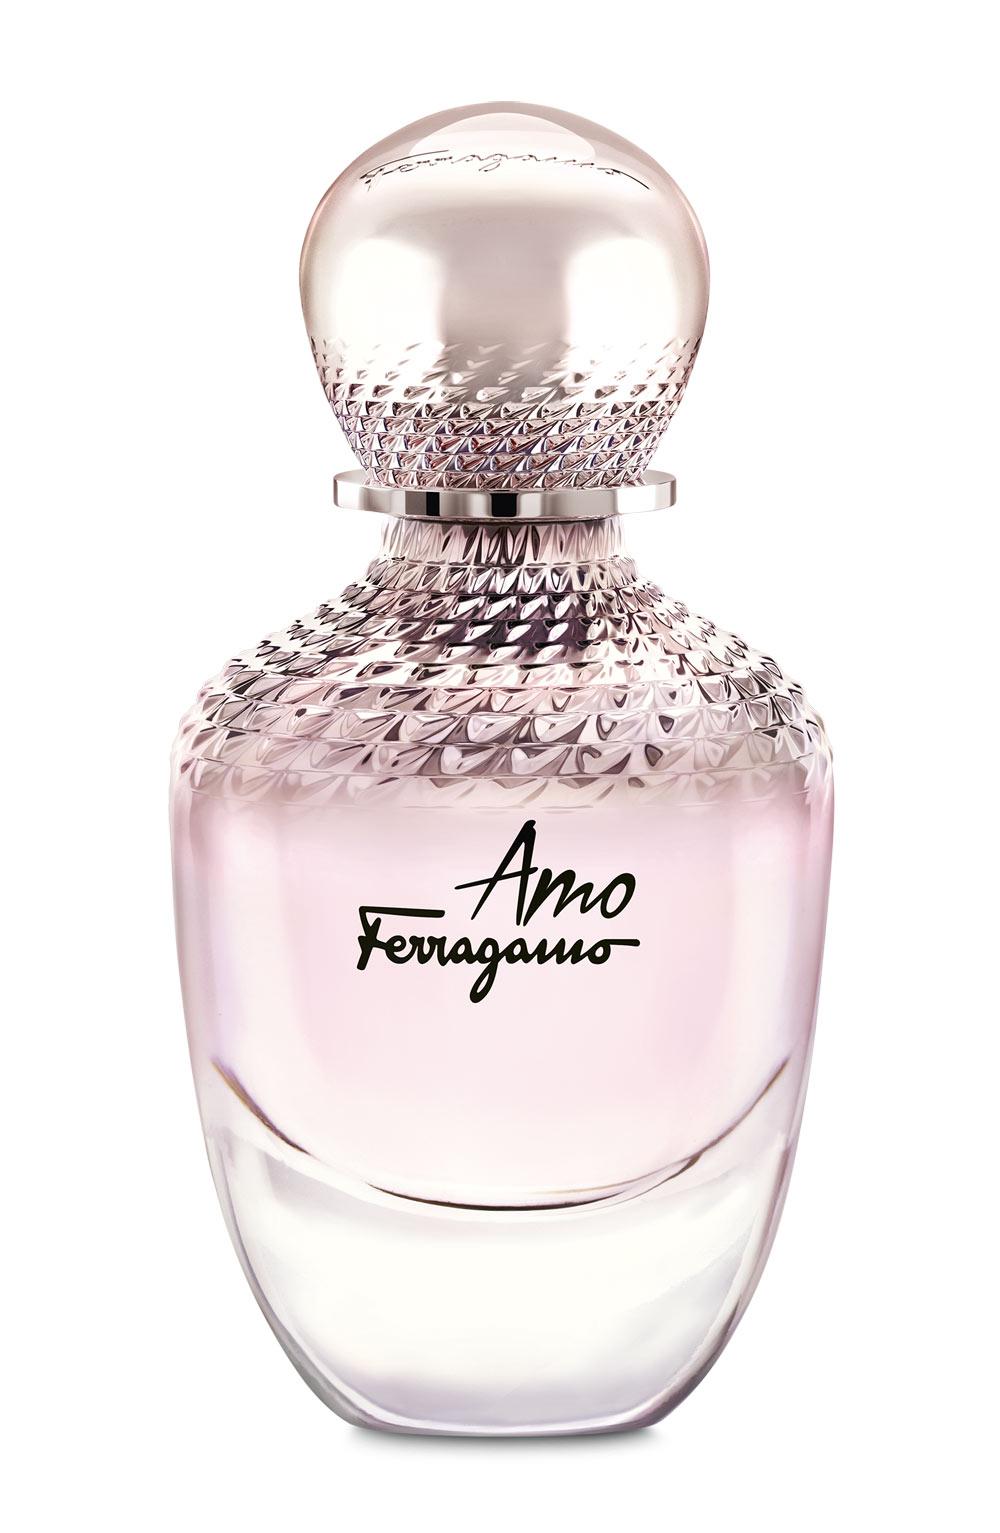 amo ferragamo salvatore ferragamo perfume a new fragrance for women 2018. Black Bedroom Furniture Sets. Home Design Ideas